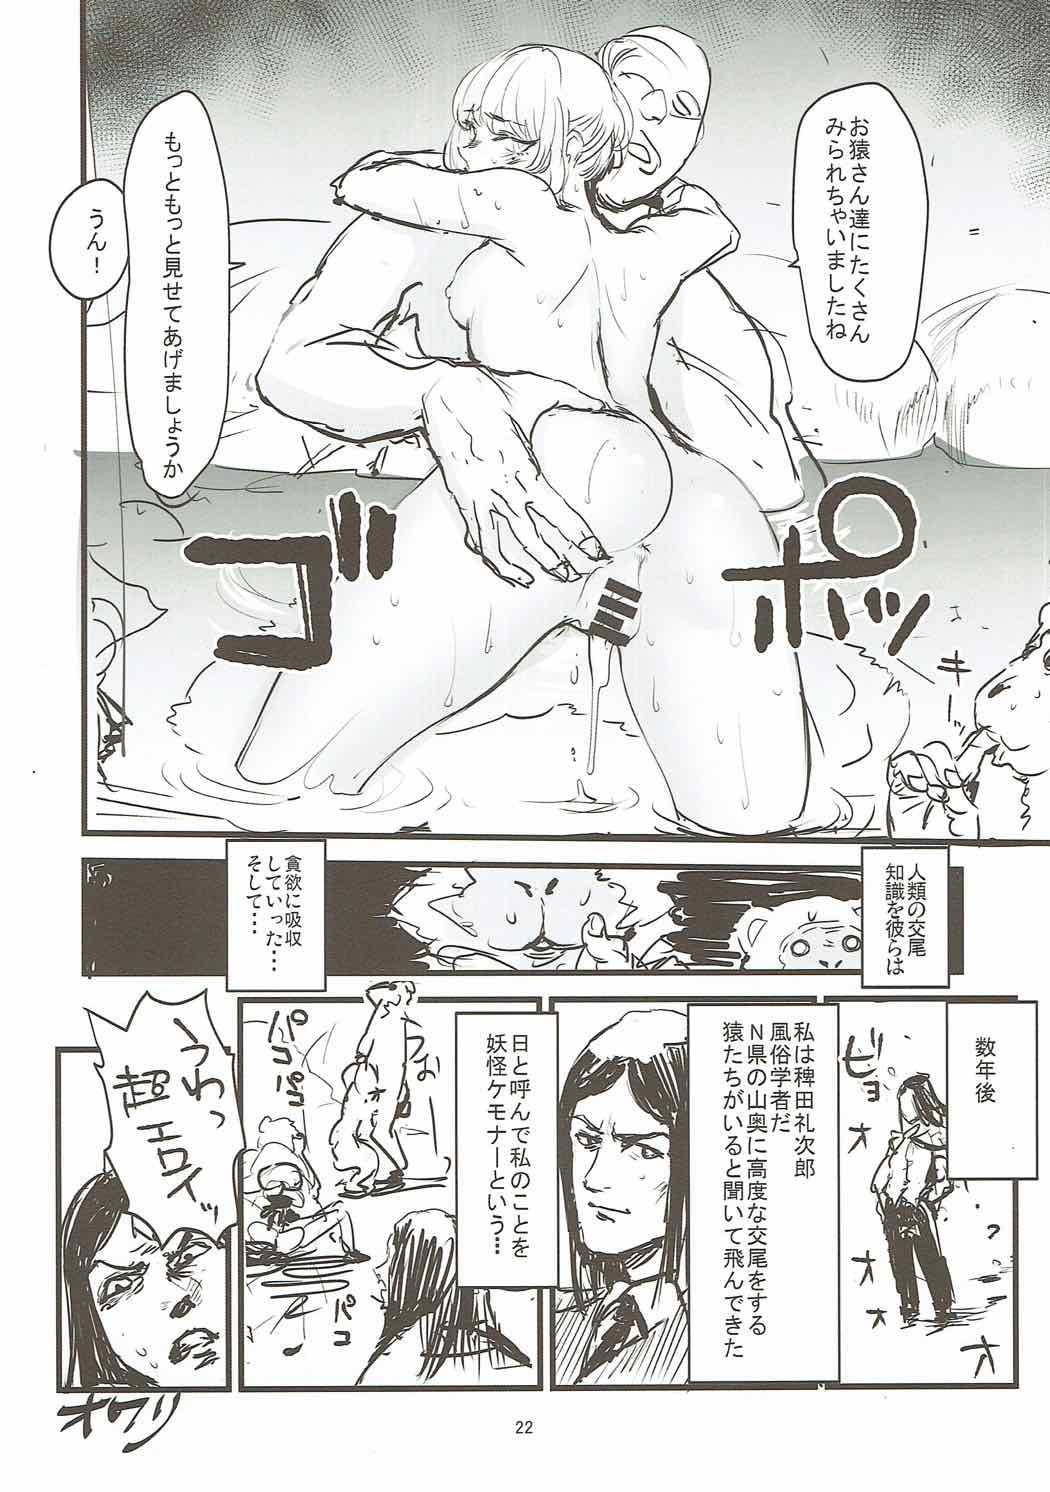 Yukemuri Hitou Kaede no Yu 20